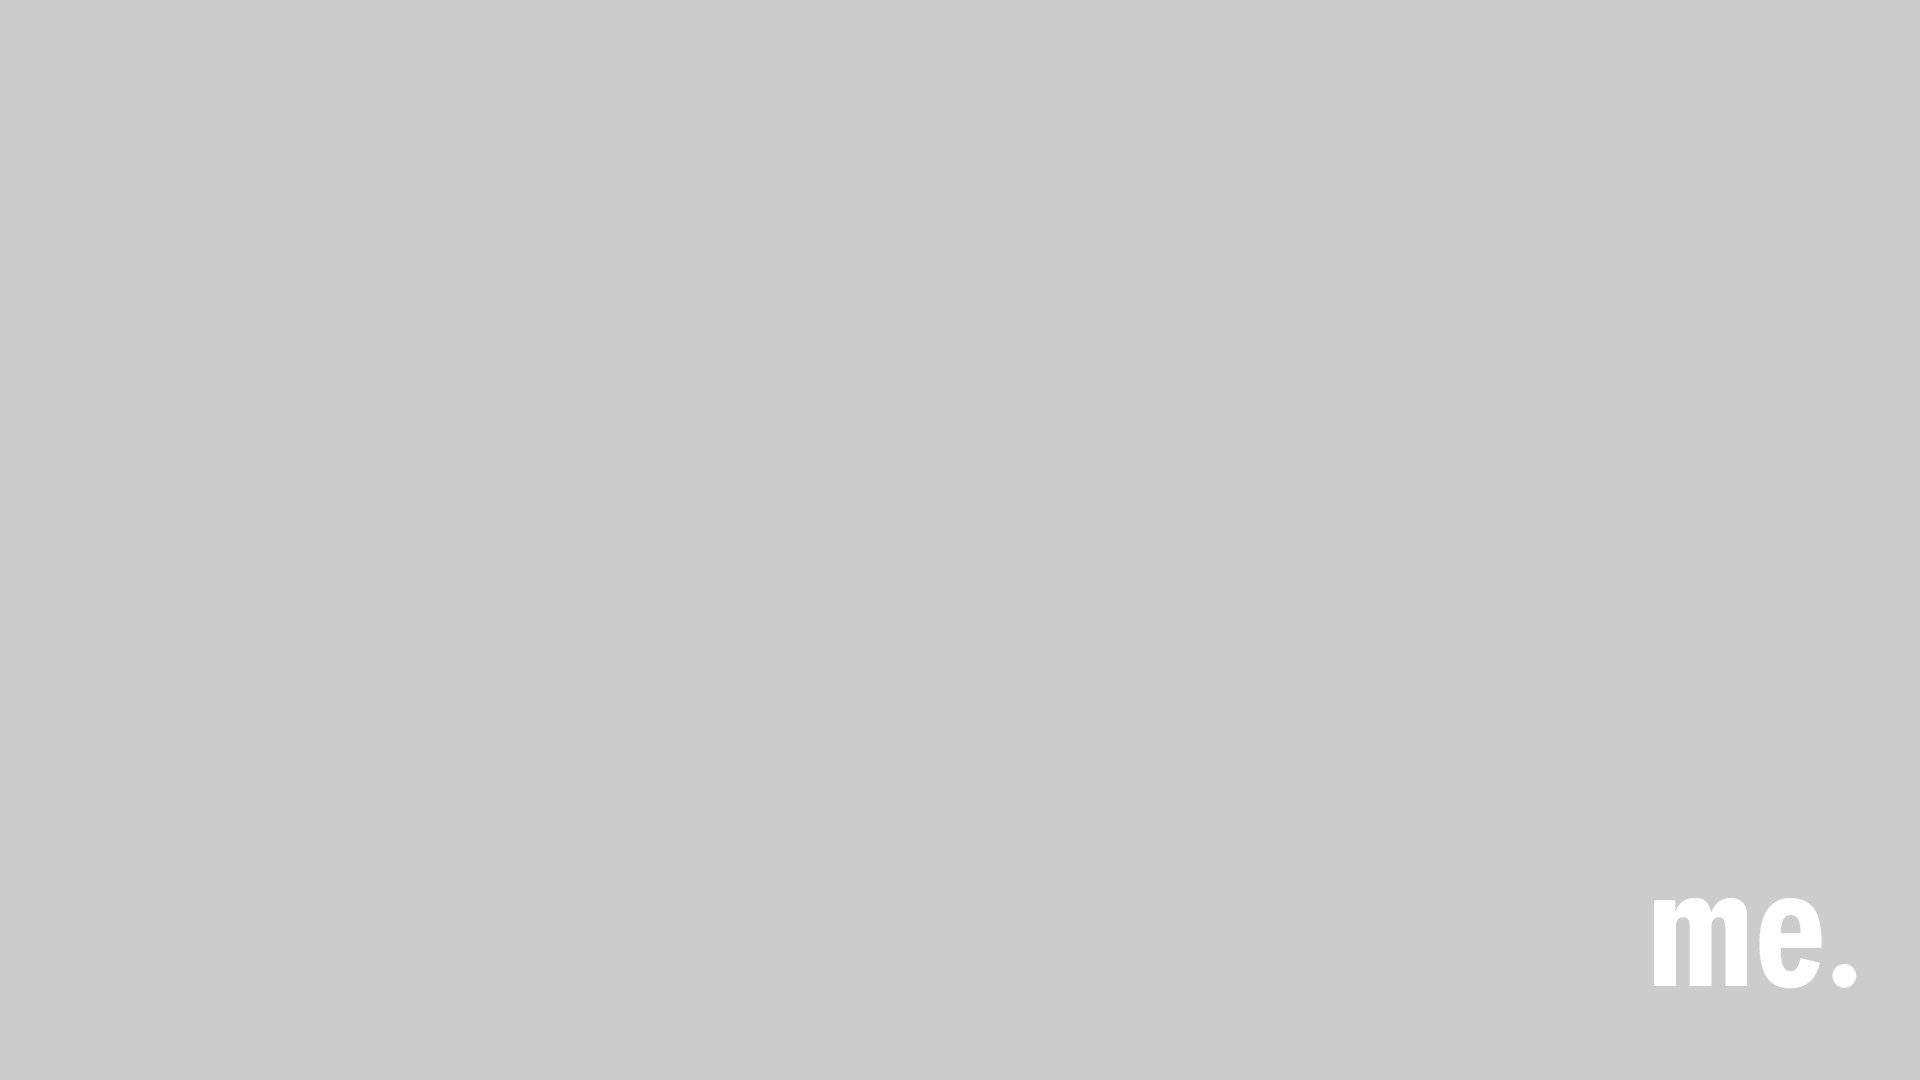 38. Rod Stewart (hier bei Carmen Nebel) - 6,459,568.26 US-Dollar